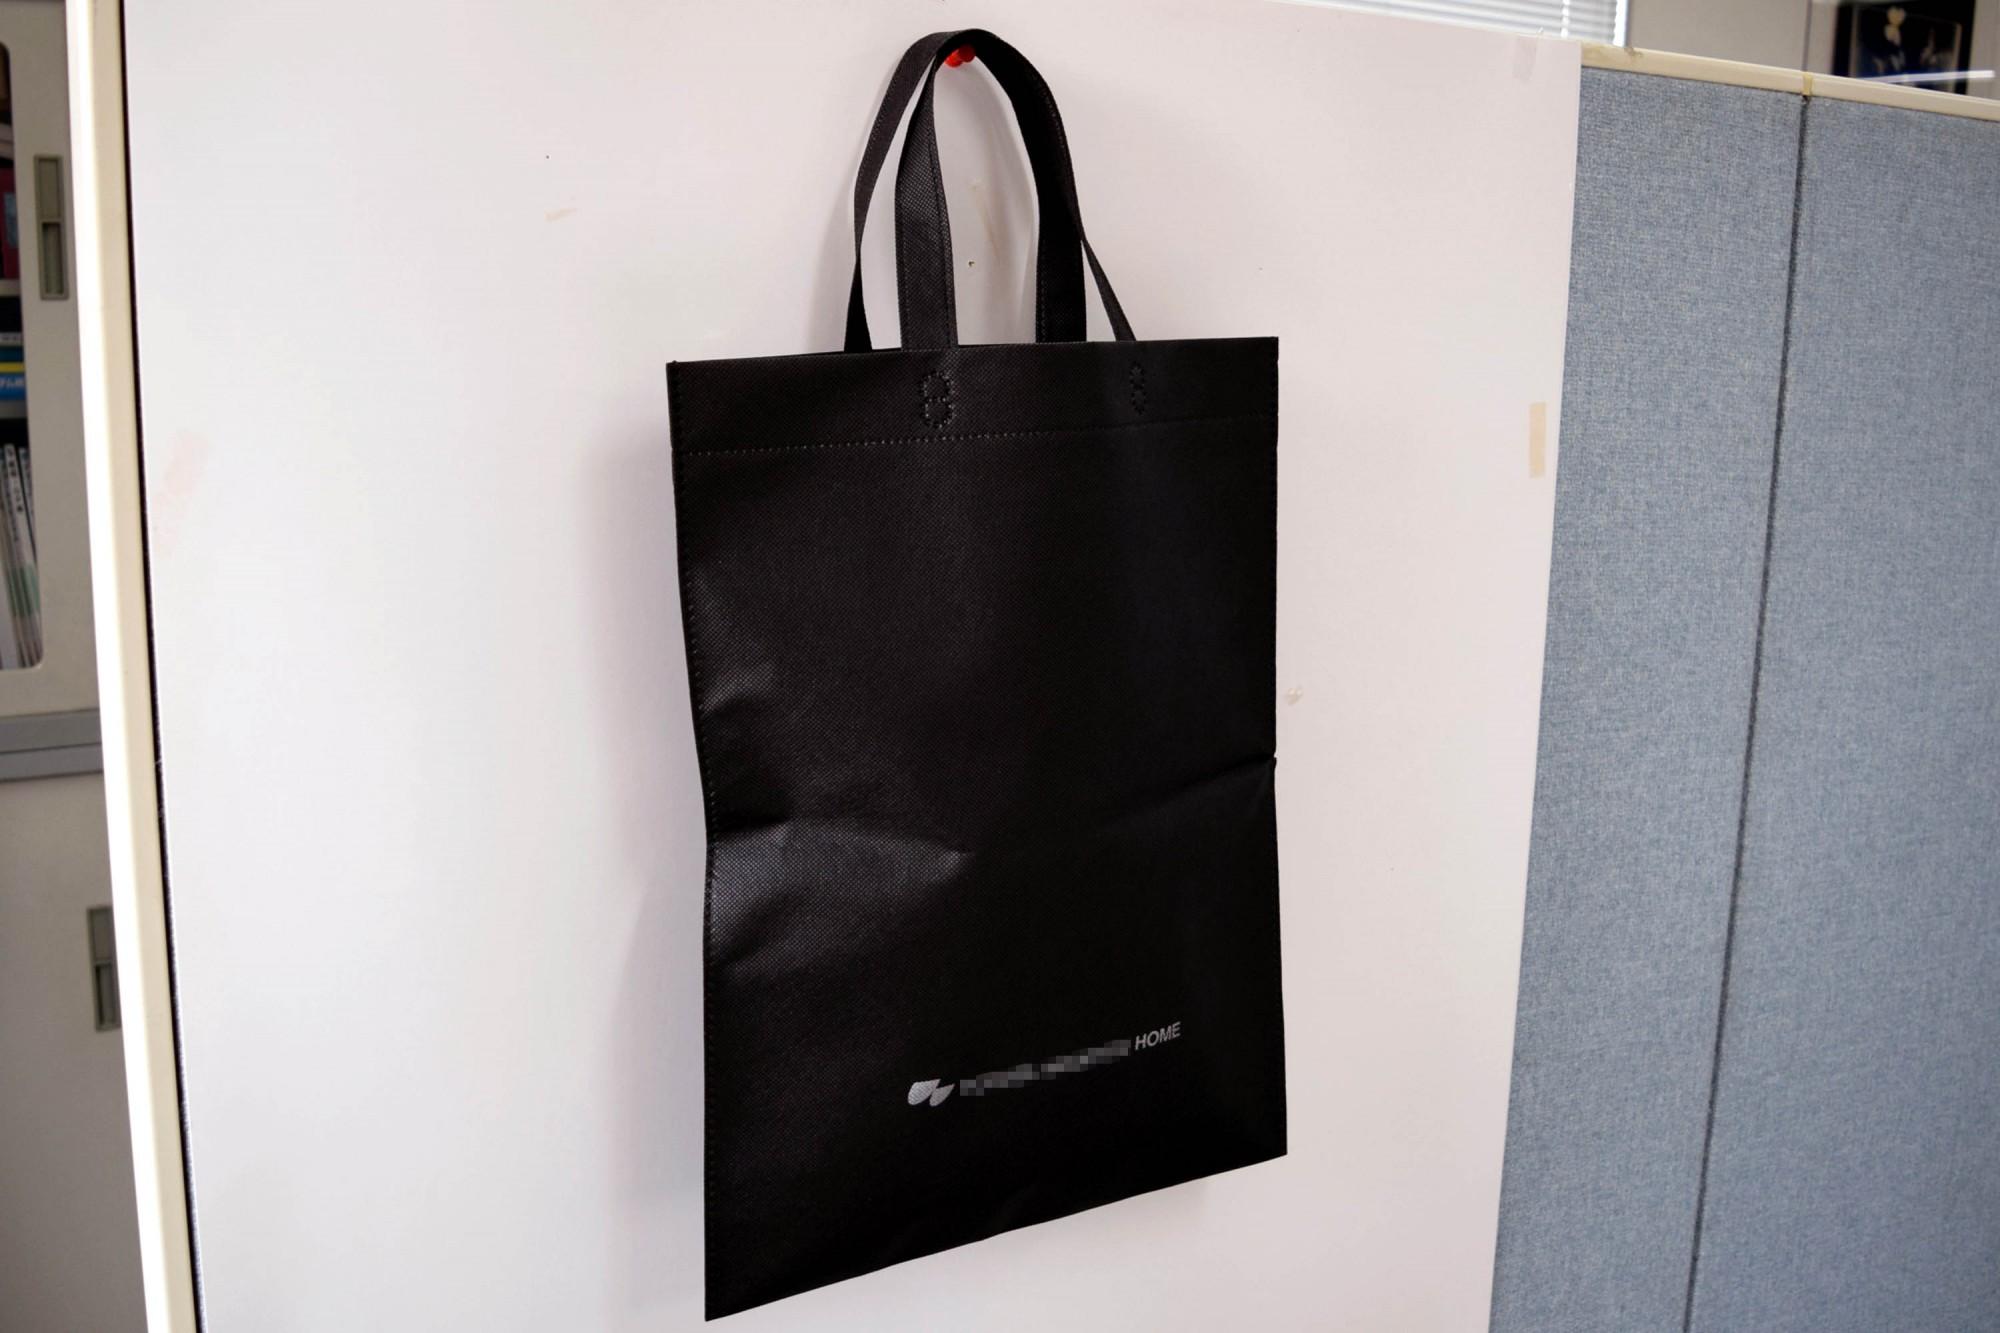 ハウスメーカー開催のモデルハウス・イベント用。低価格の超音波縫製のA3不織布バッグ。全景。